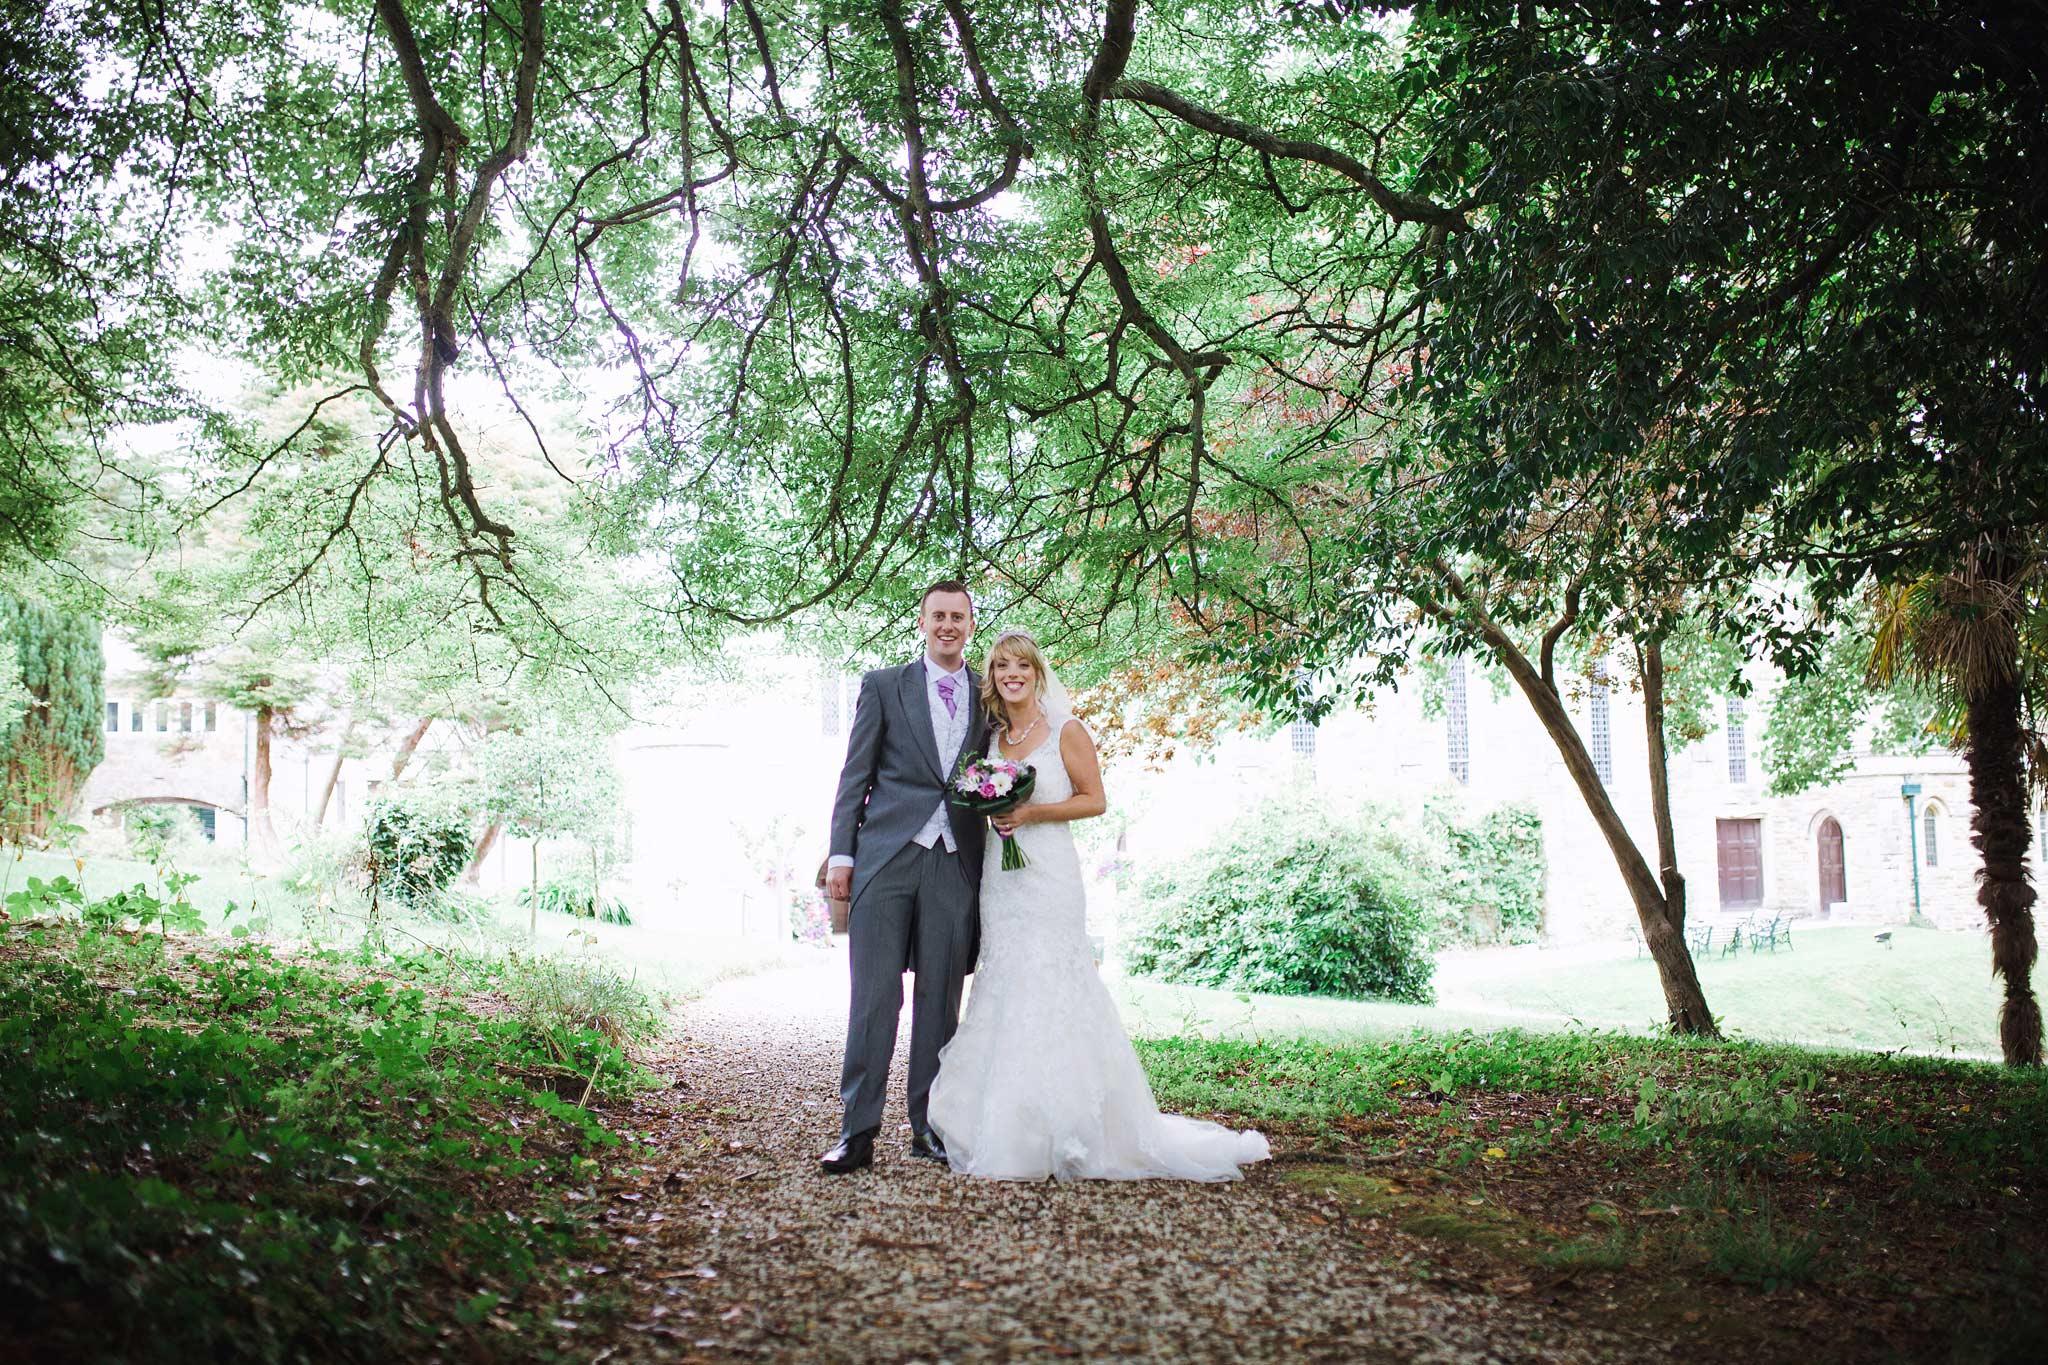 Alverton Hotel Bride and Groom